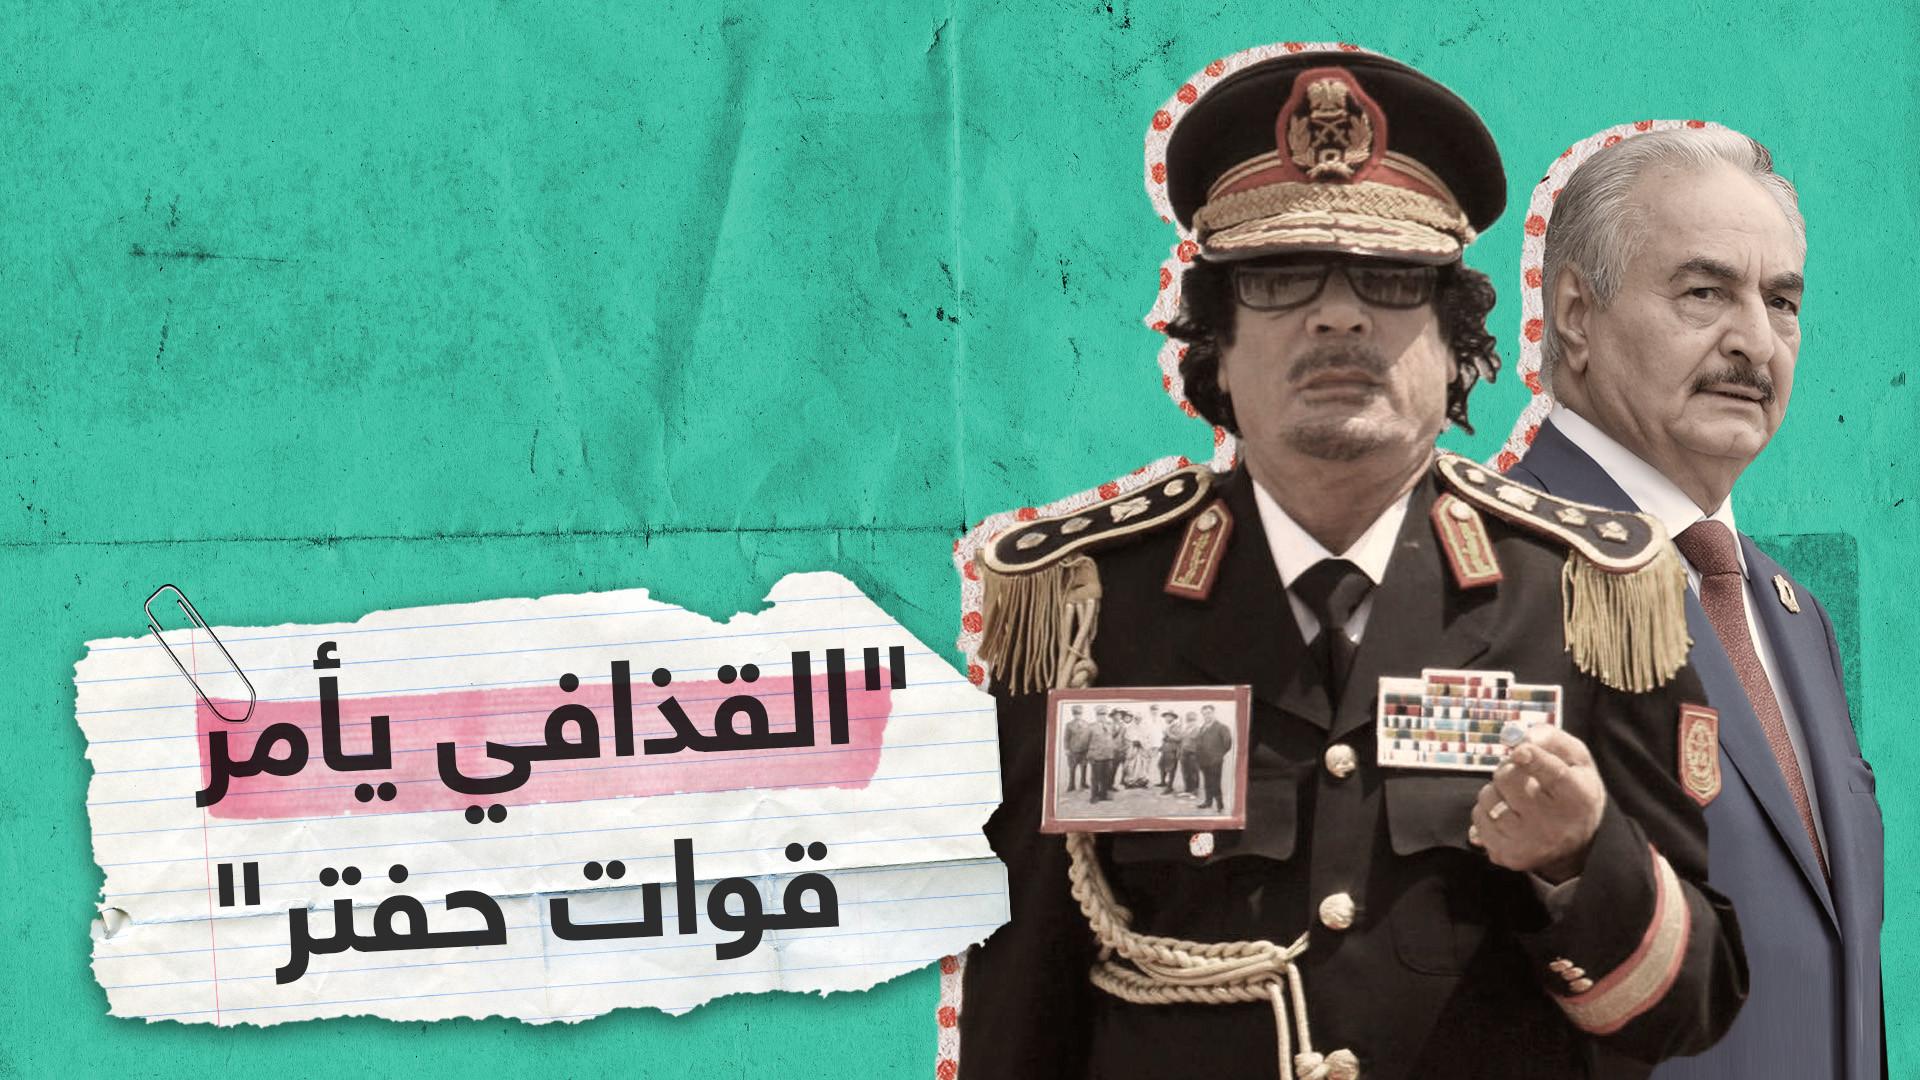 فيديو مسرب .. يوم كان القذافي يعطي الأوامر لقوات حفتر في تشاد